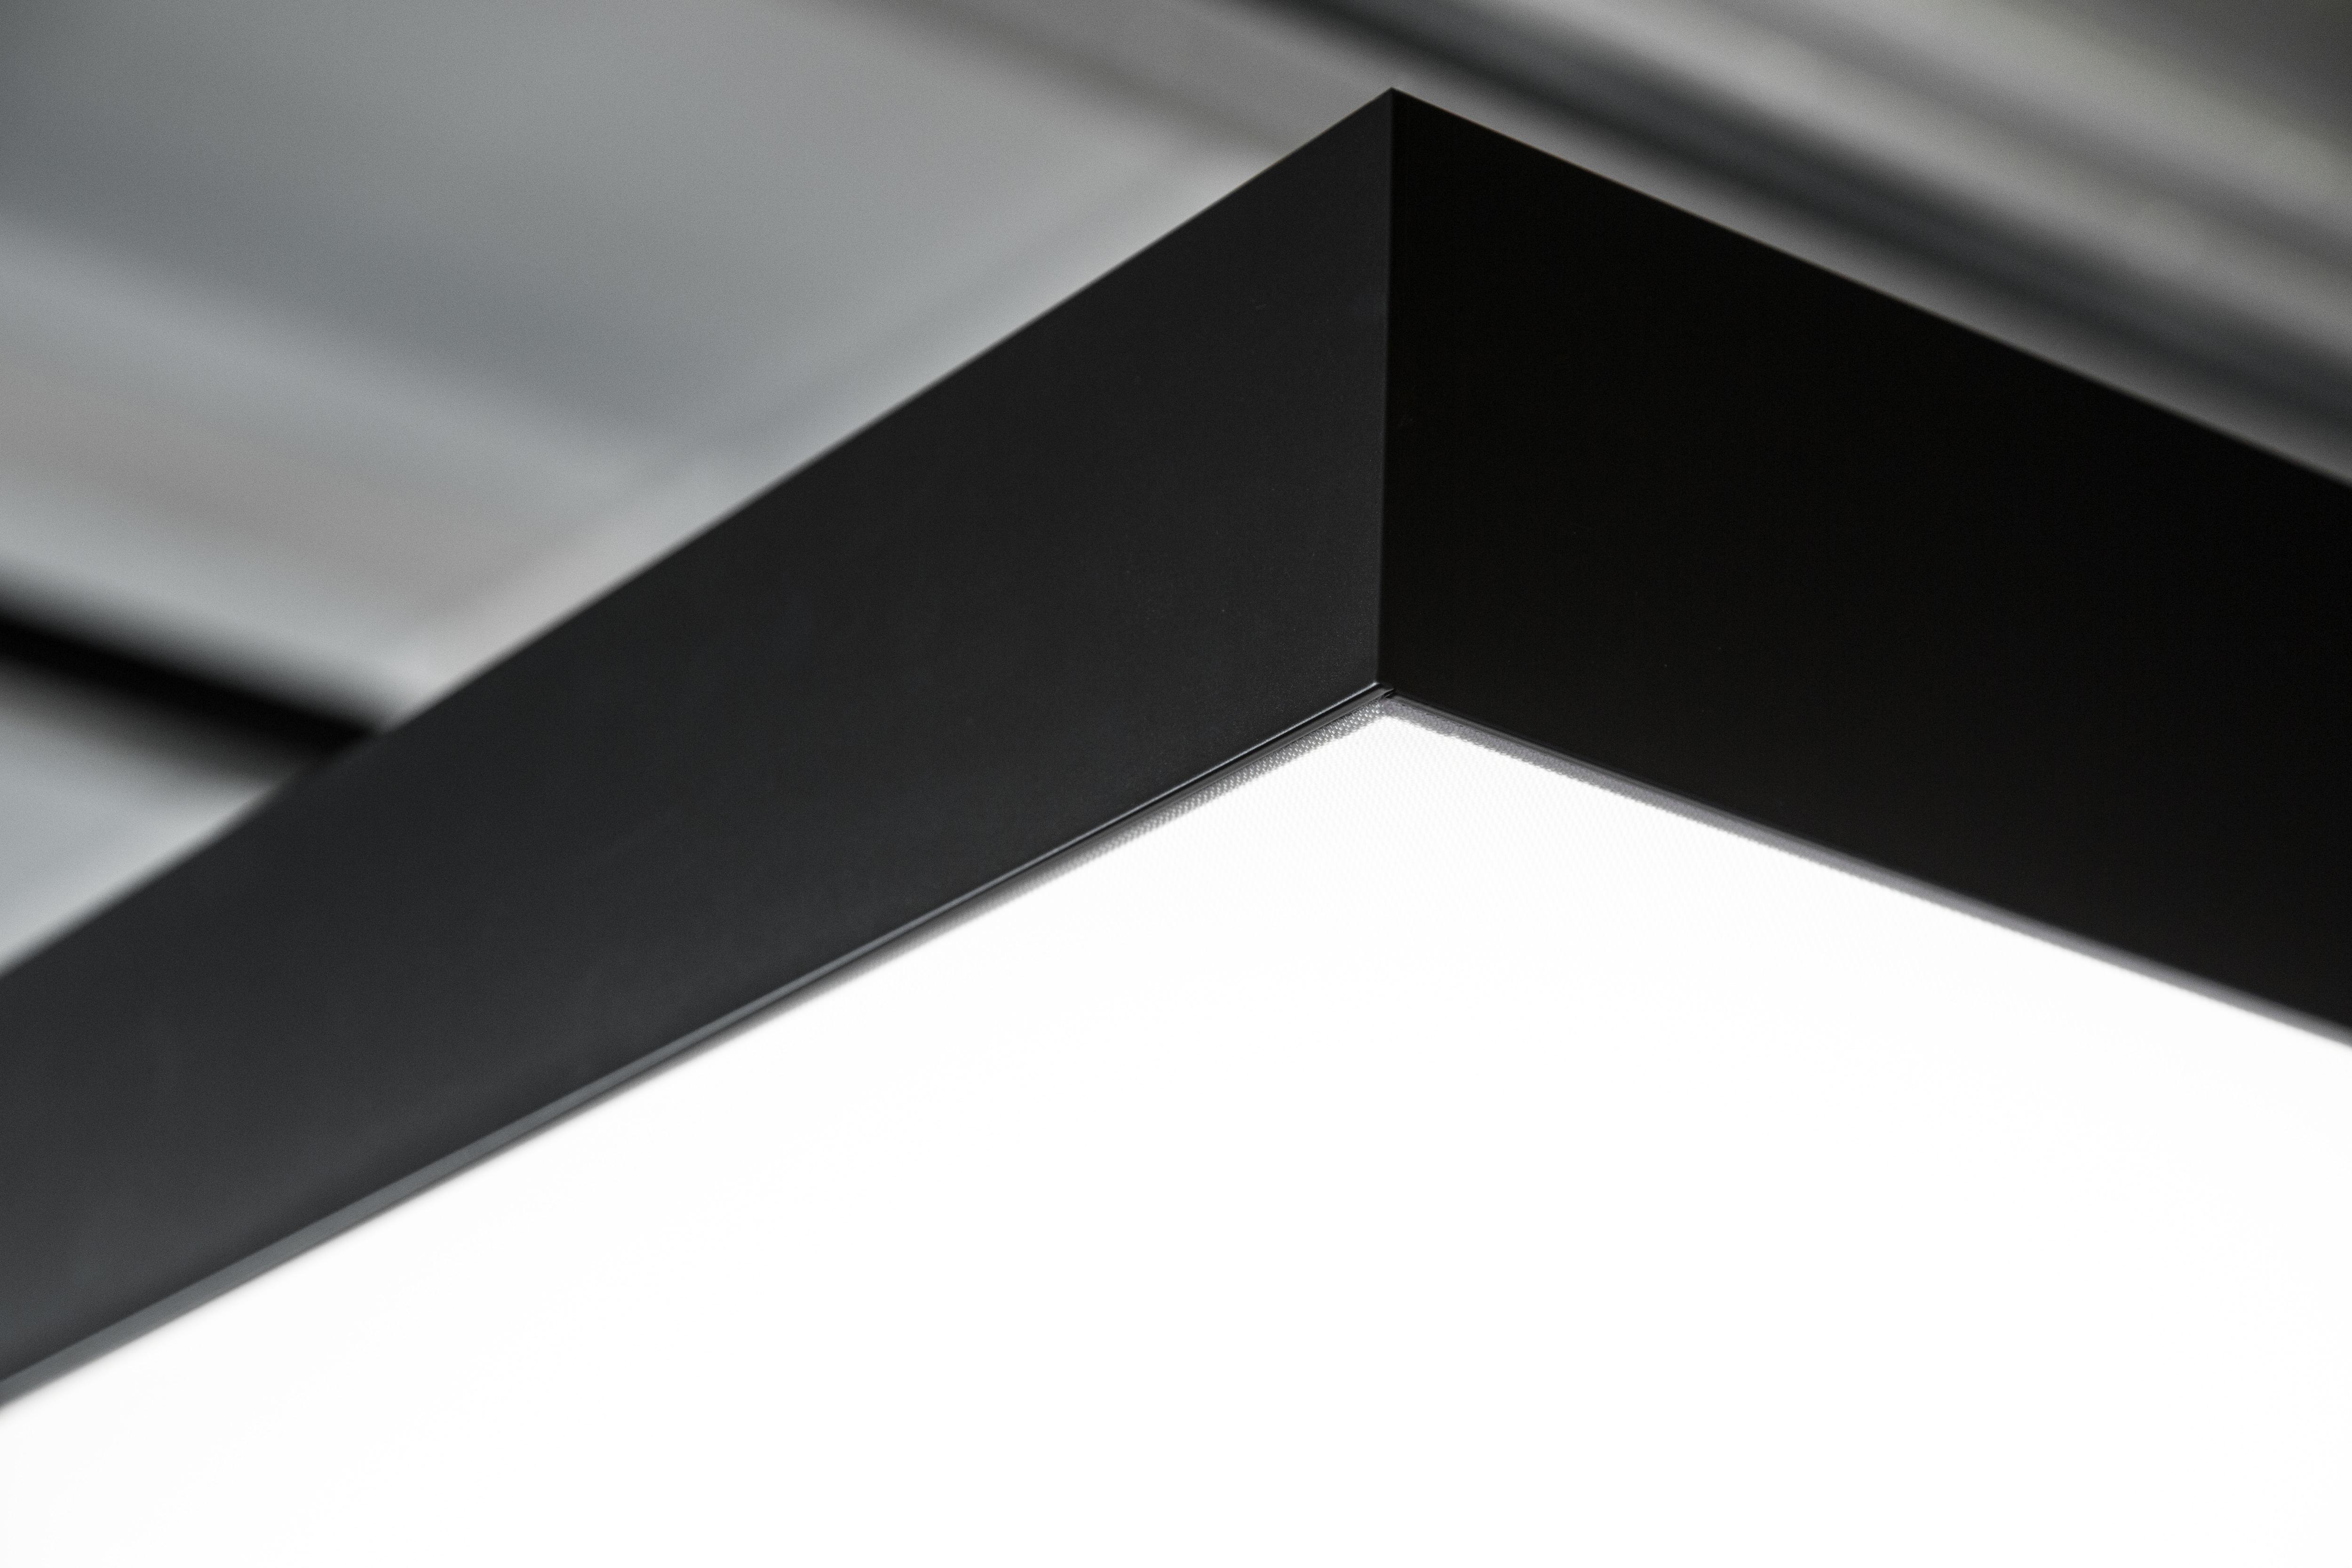 philips onespace die raumdecke als lichtquelle. Black Bedroom Furniture Sets. Home Design Ideas